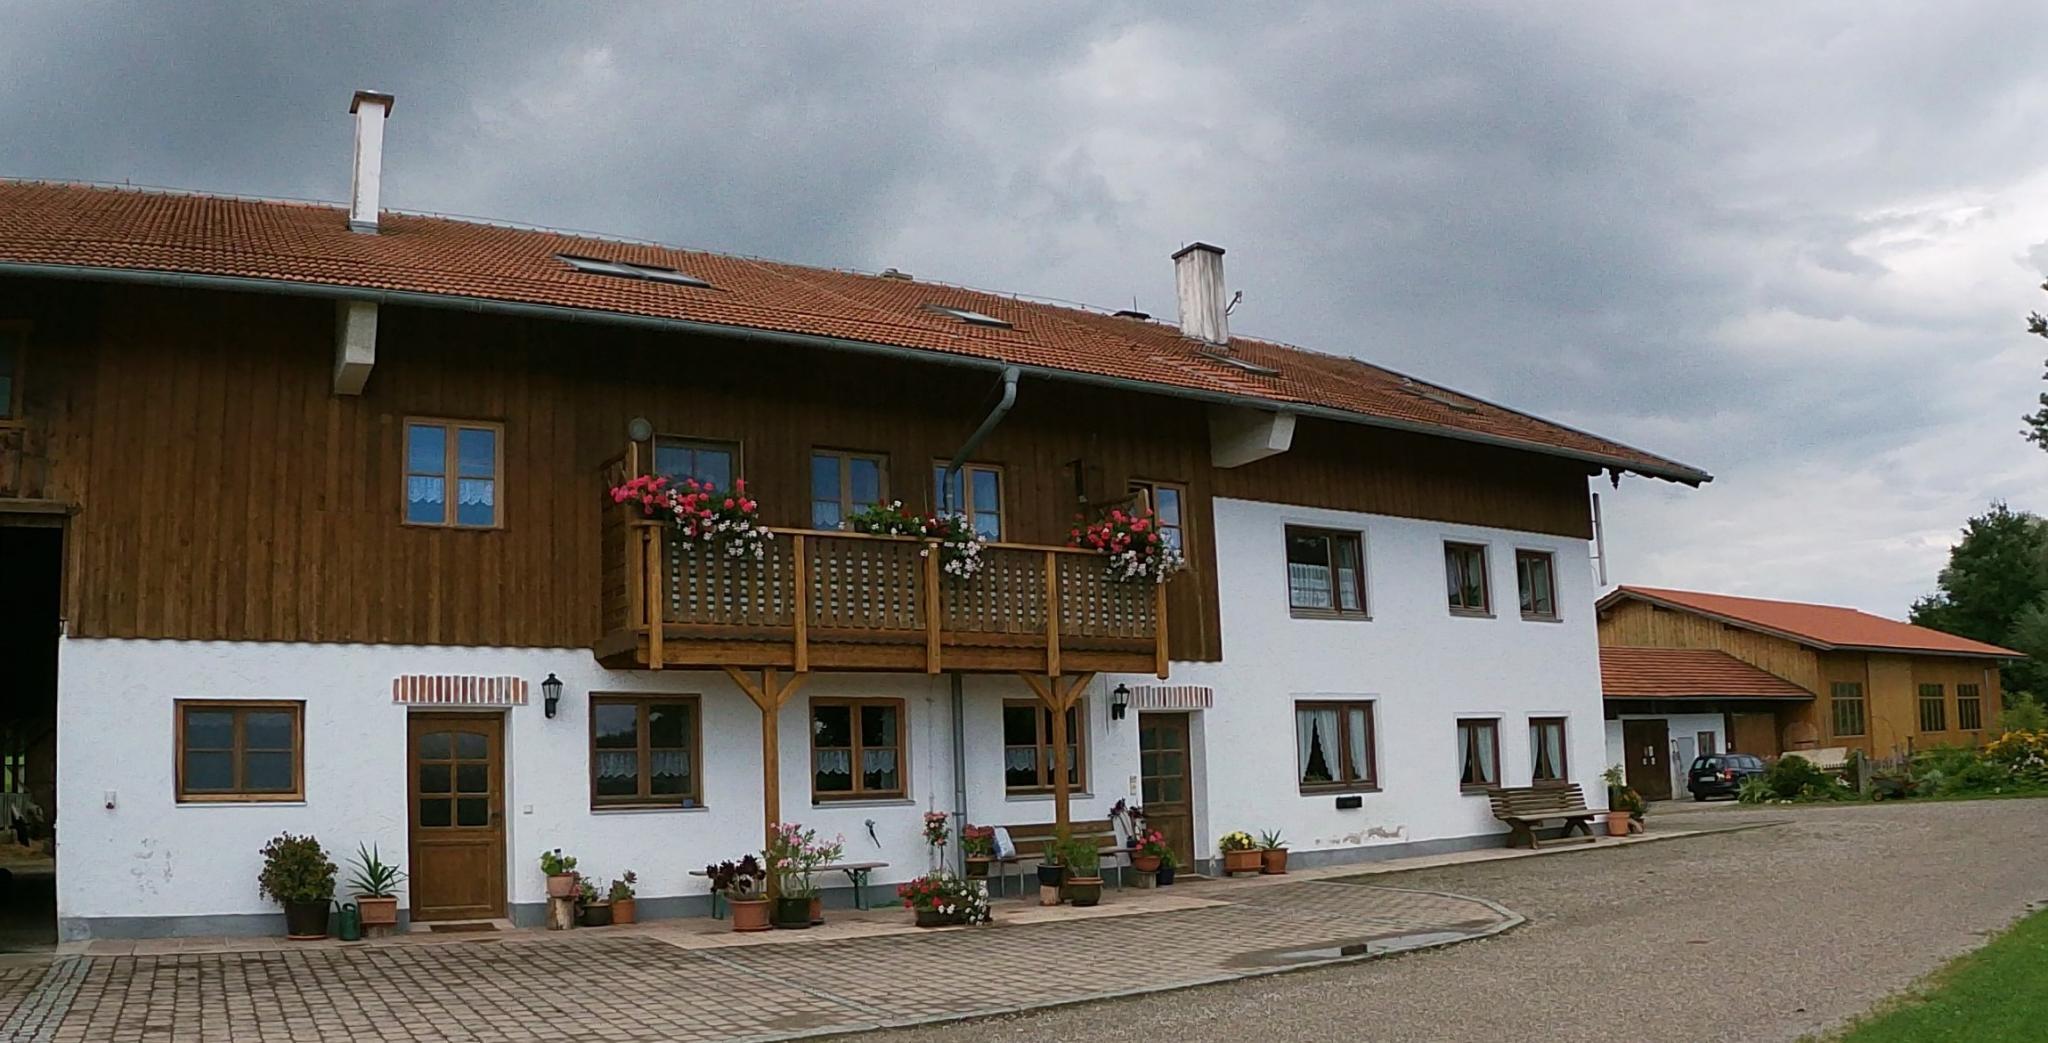 Monteurzimmer 85665 Moosach bei München